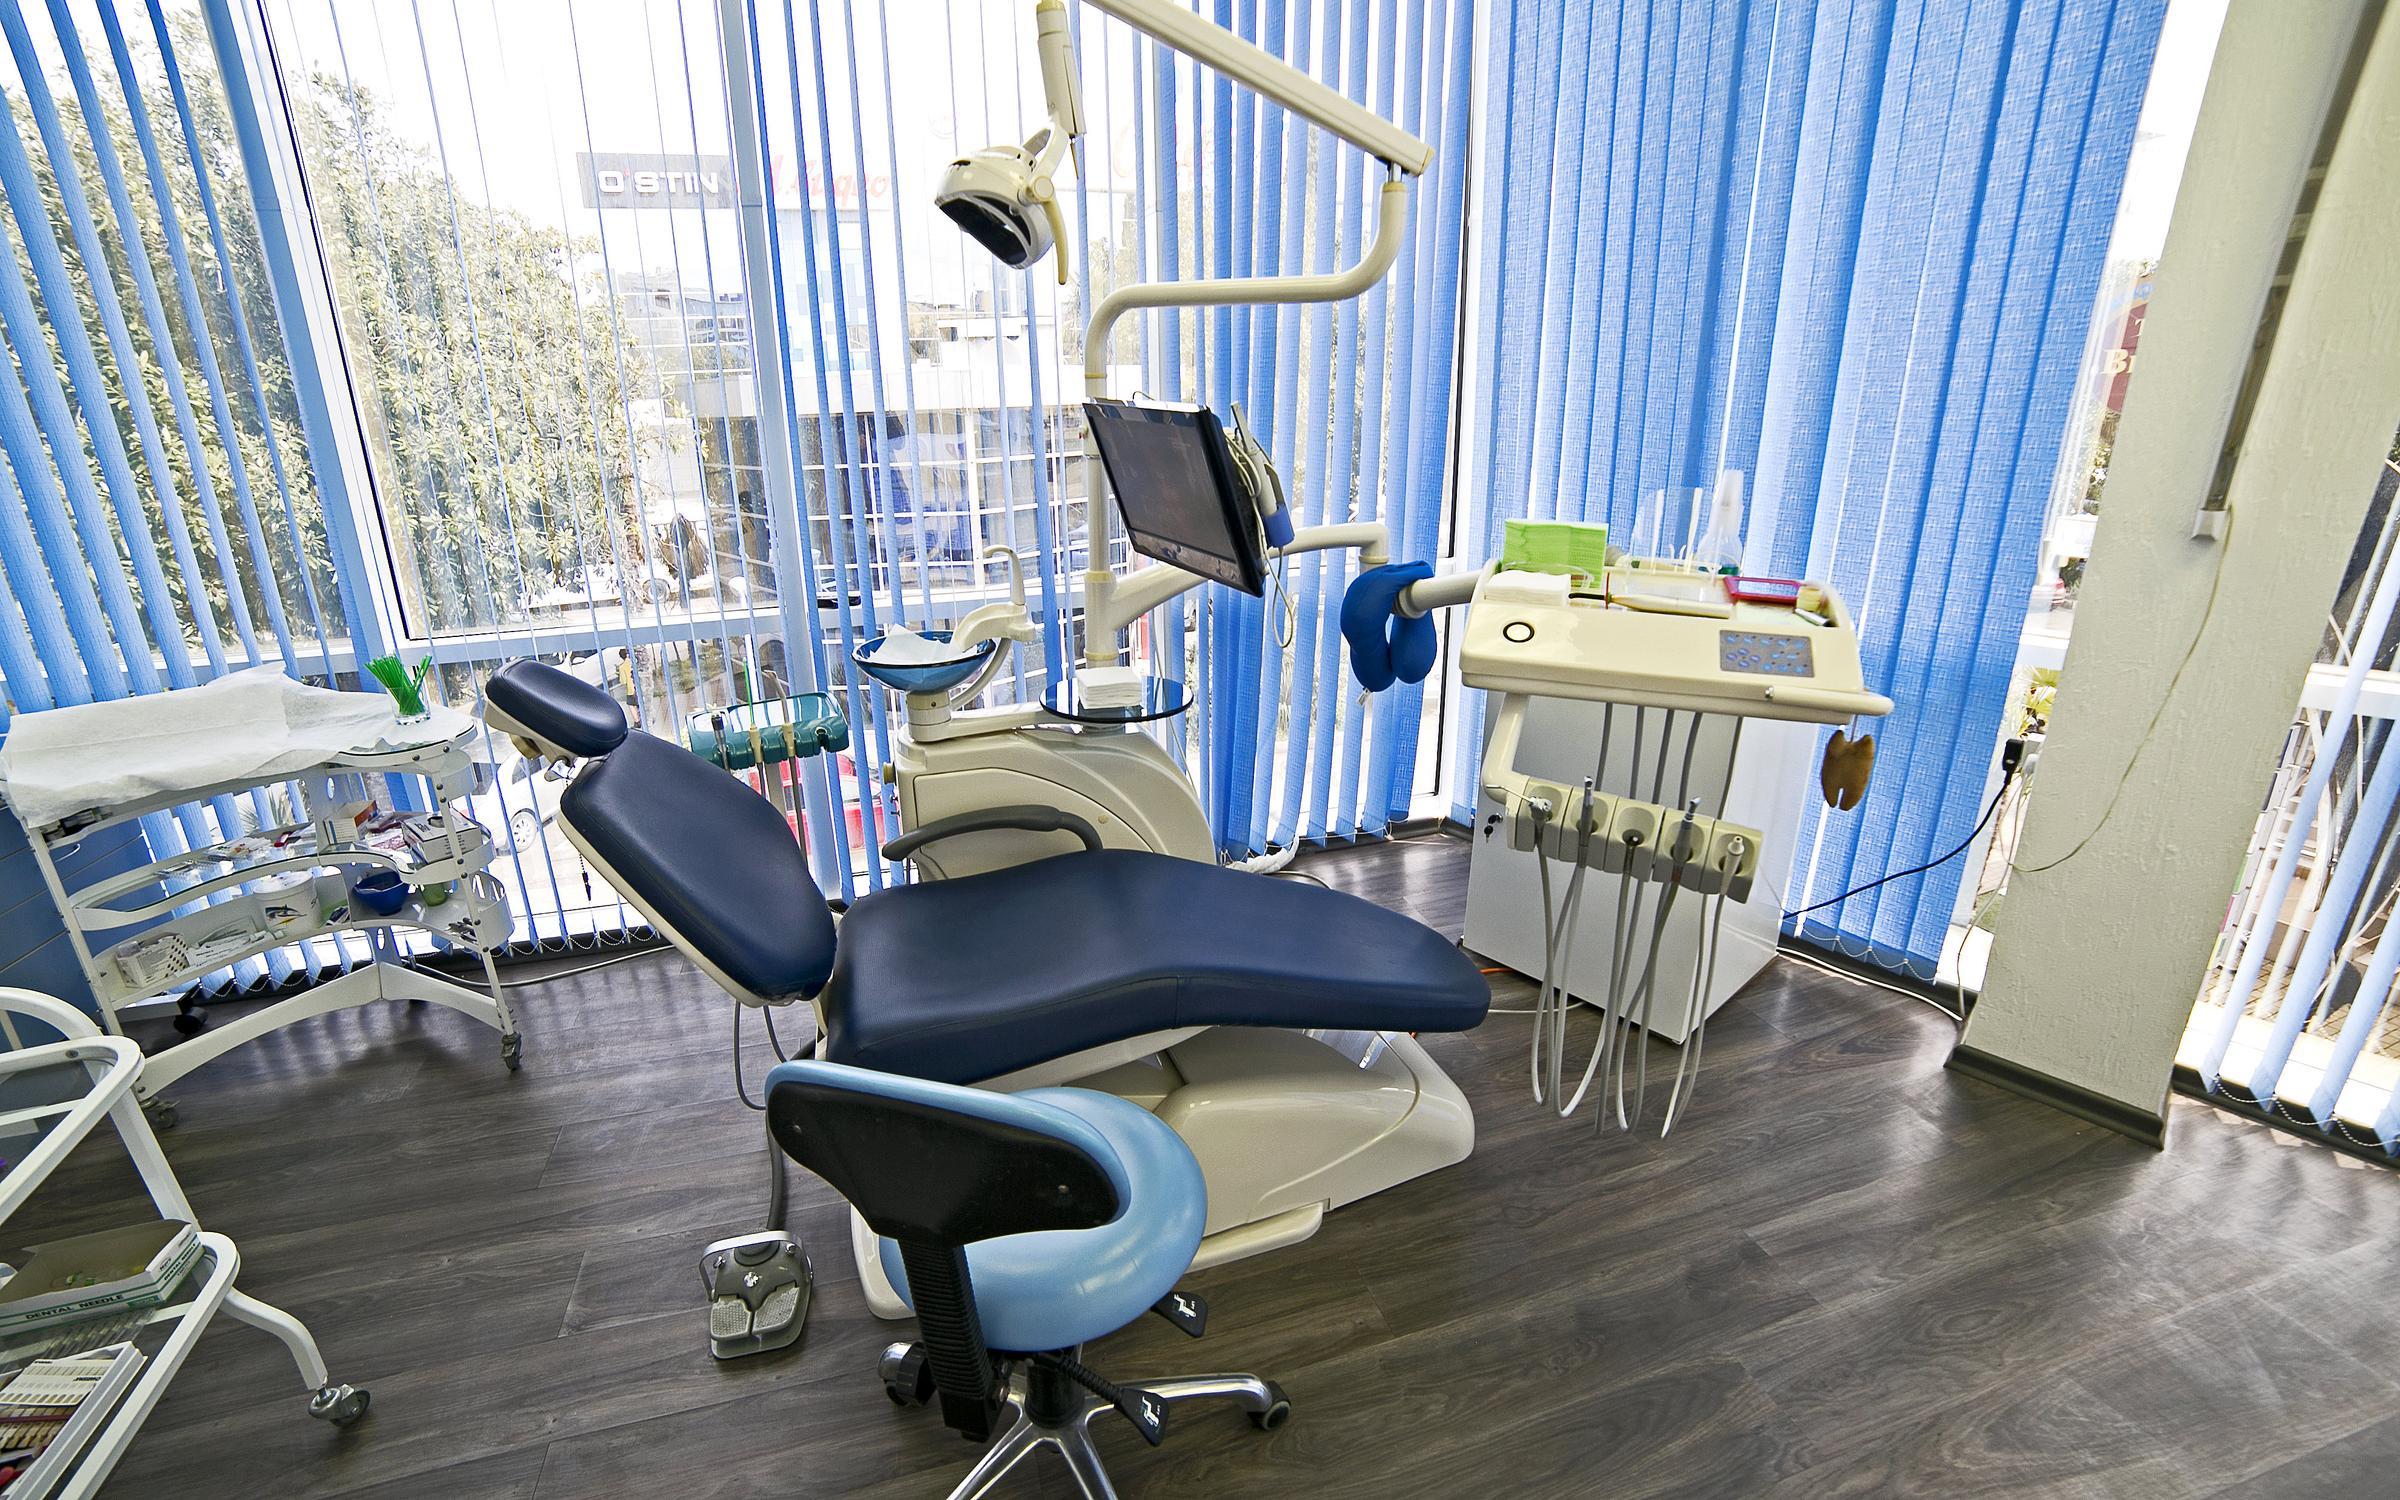 фотография Стоматологической клиники Кристалл-Дент в Адлере